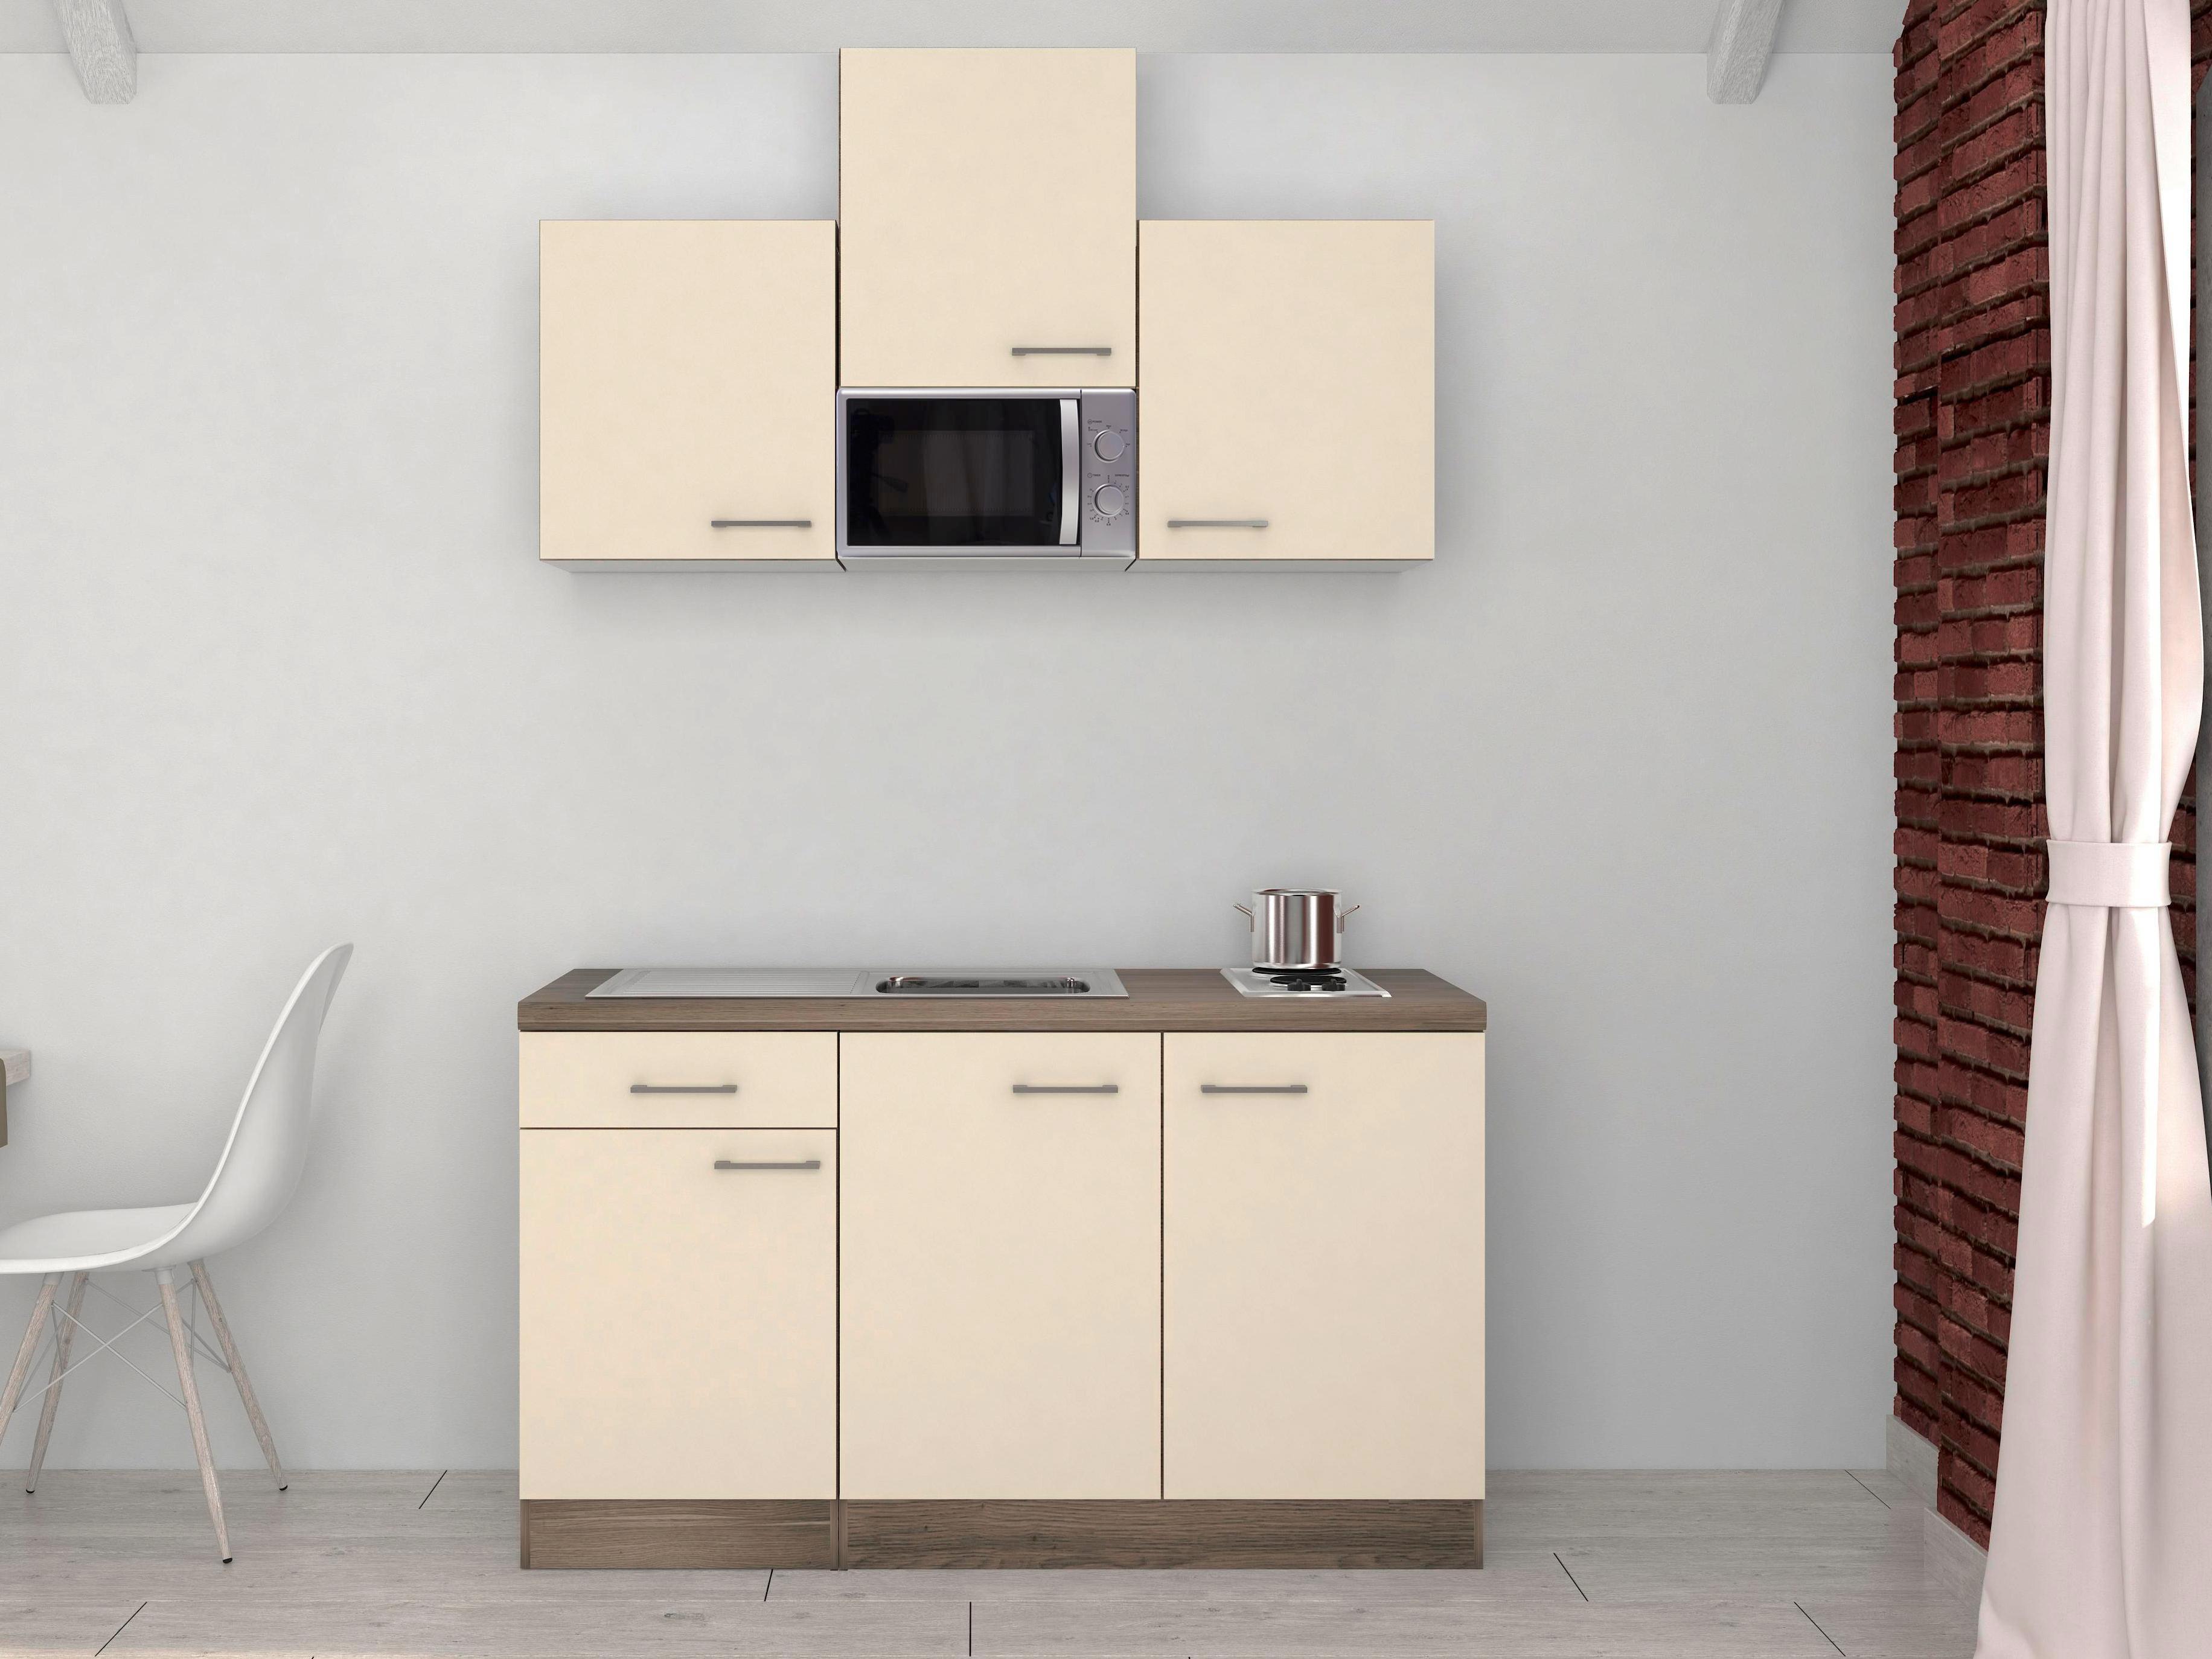 Küchenzeile klein mit Mikrowelle kaufen